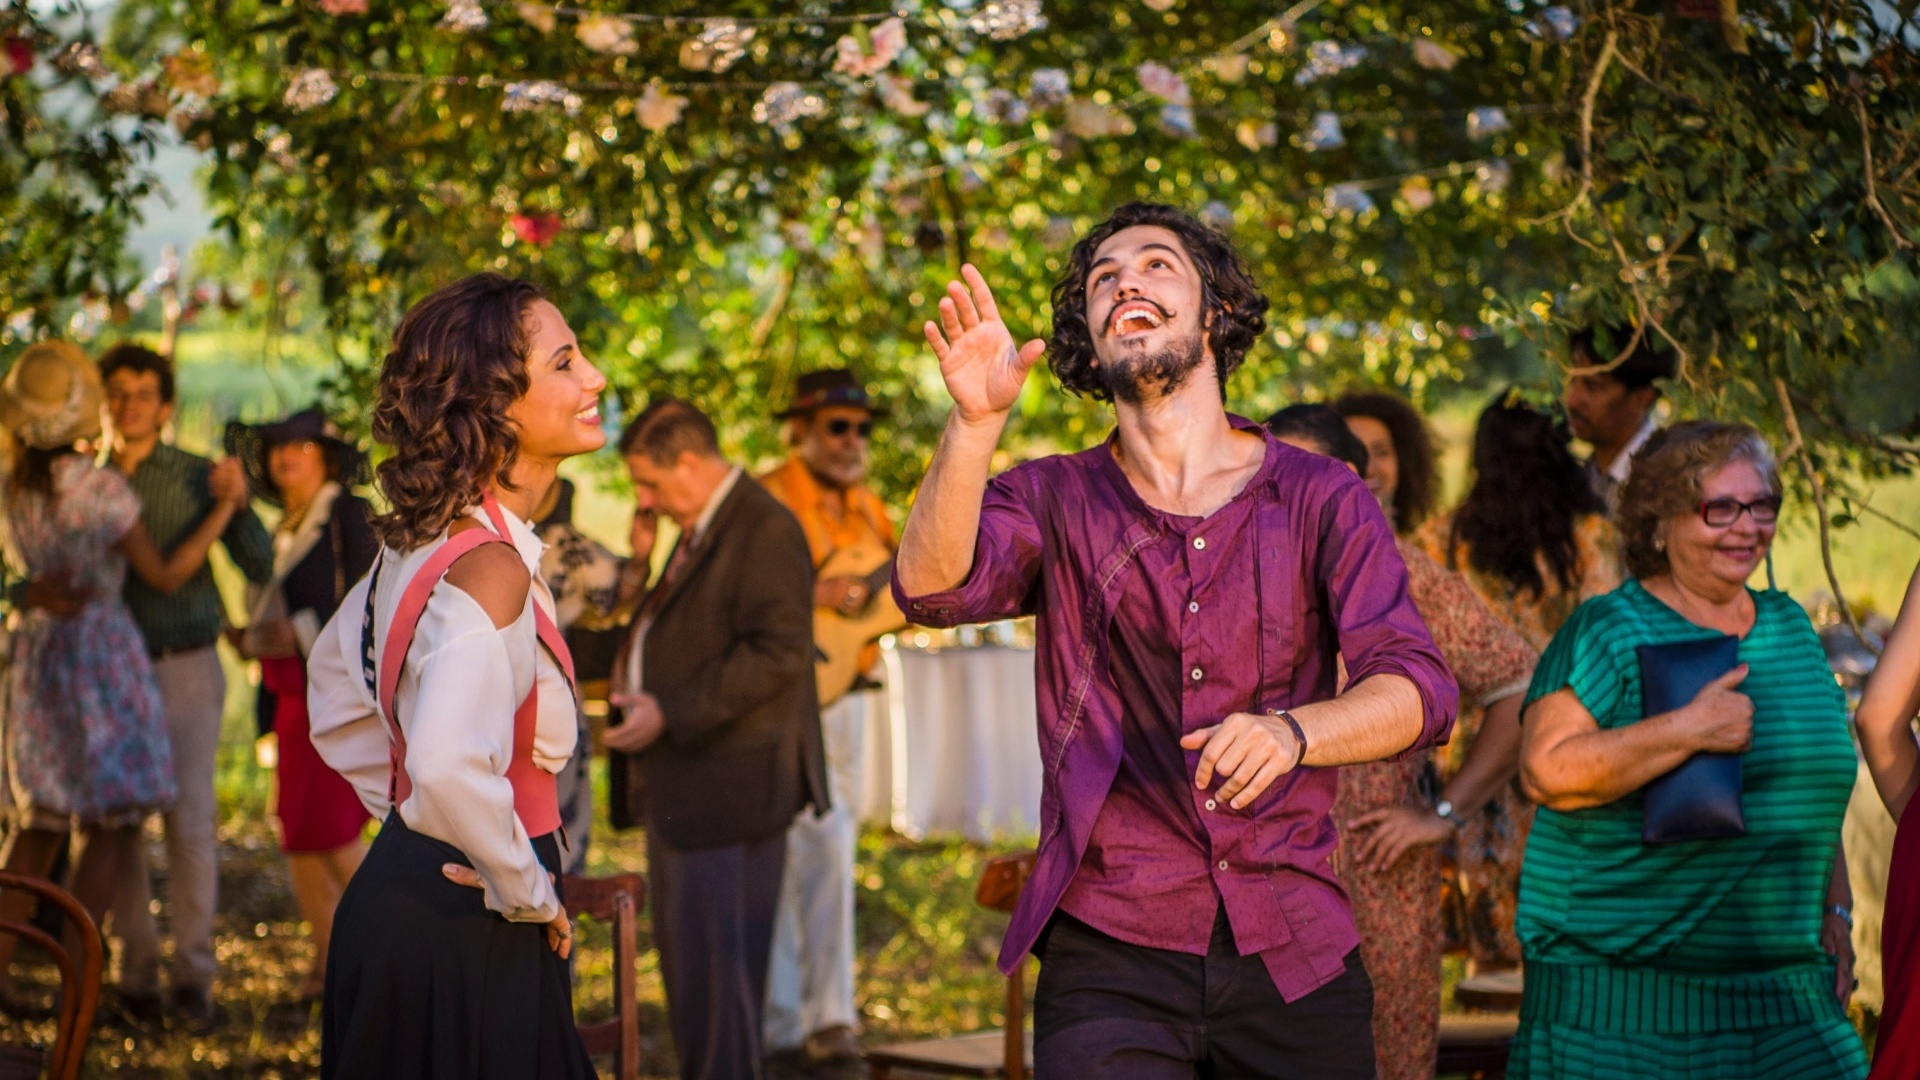 29.abr.2016 - Miguel (Gabriel Leone) brinca com chapéu enquanto dança com a mãe, Tereza (Camila Pitanga), na festa em homenagem ao rapaz, em Grotas do São Francisco